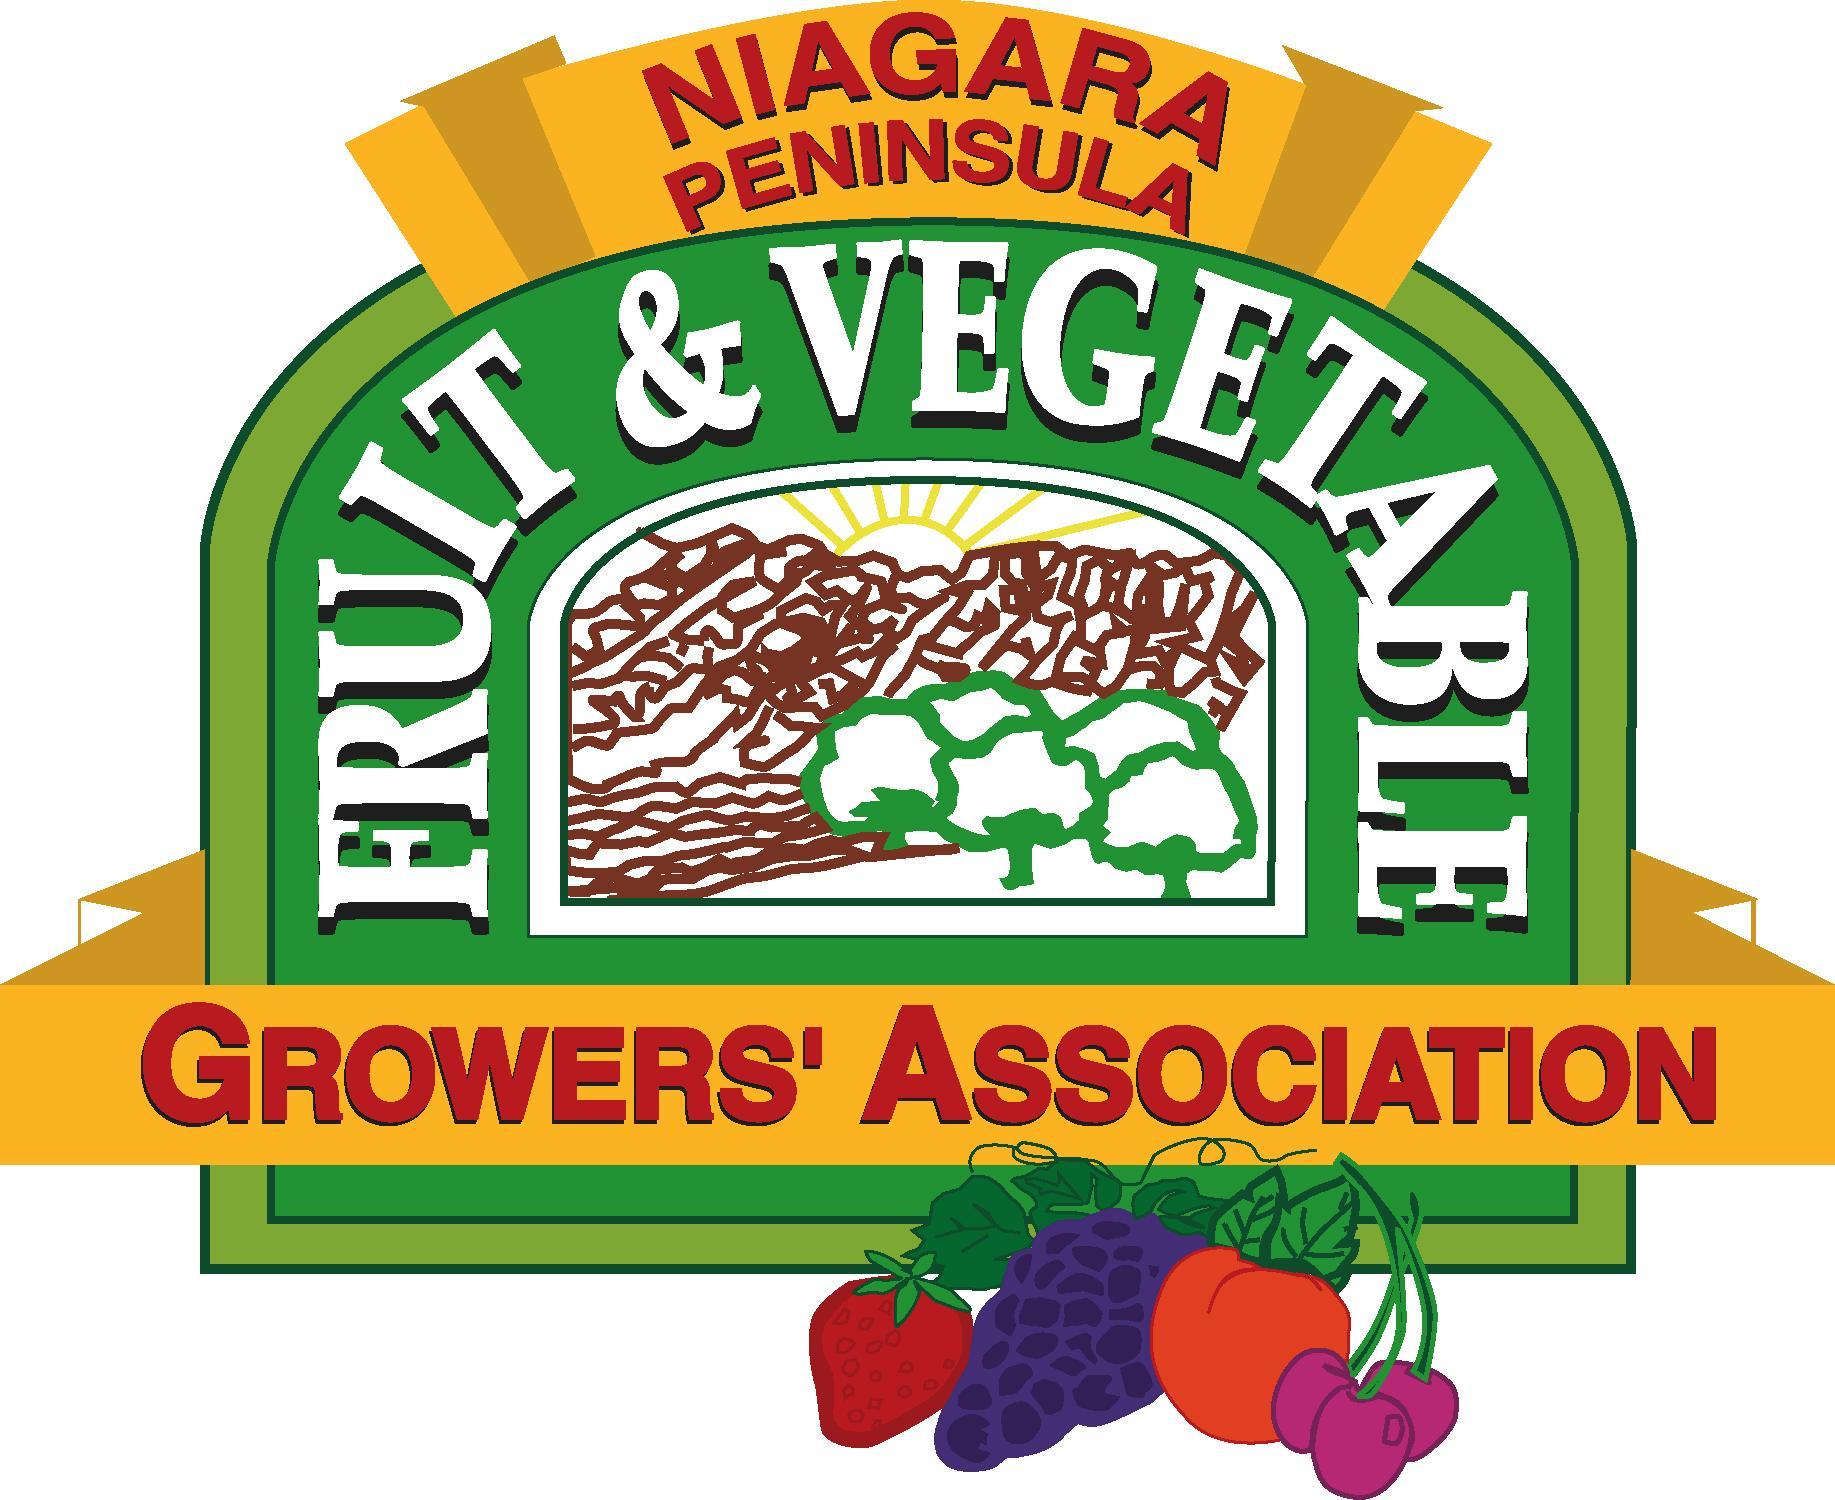 Niagara Peninsula Fruit and Vegetable Growers' Association